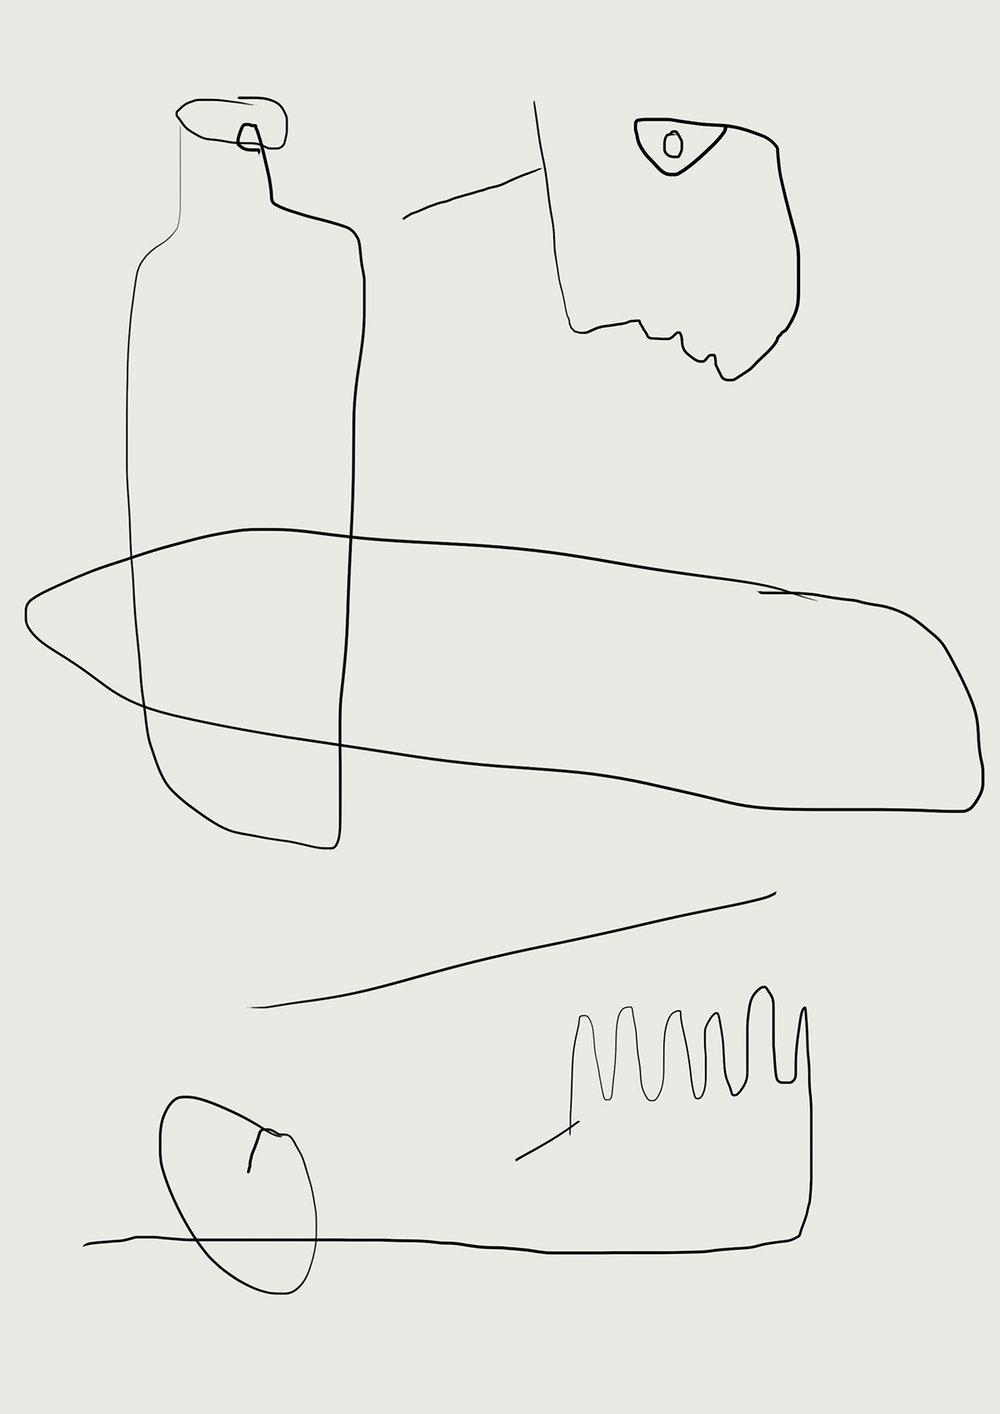 LINES_3.JPG